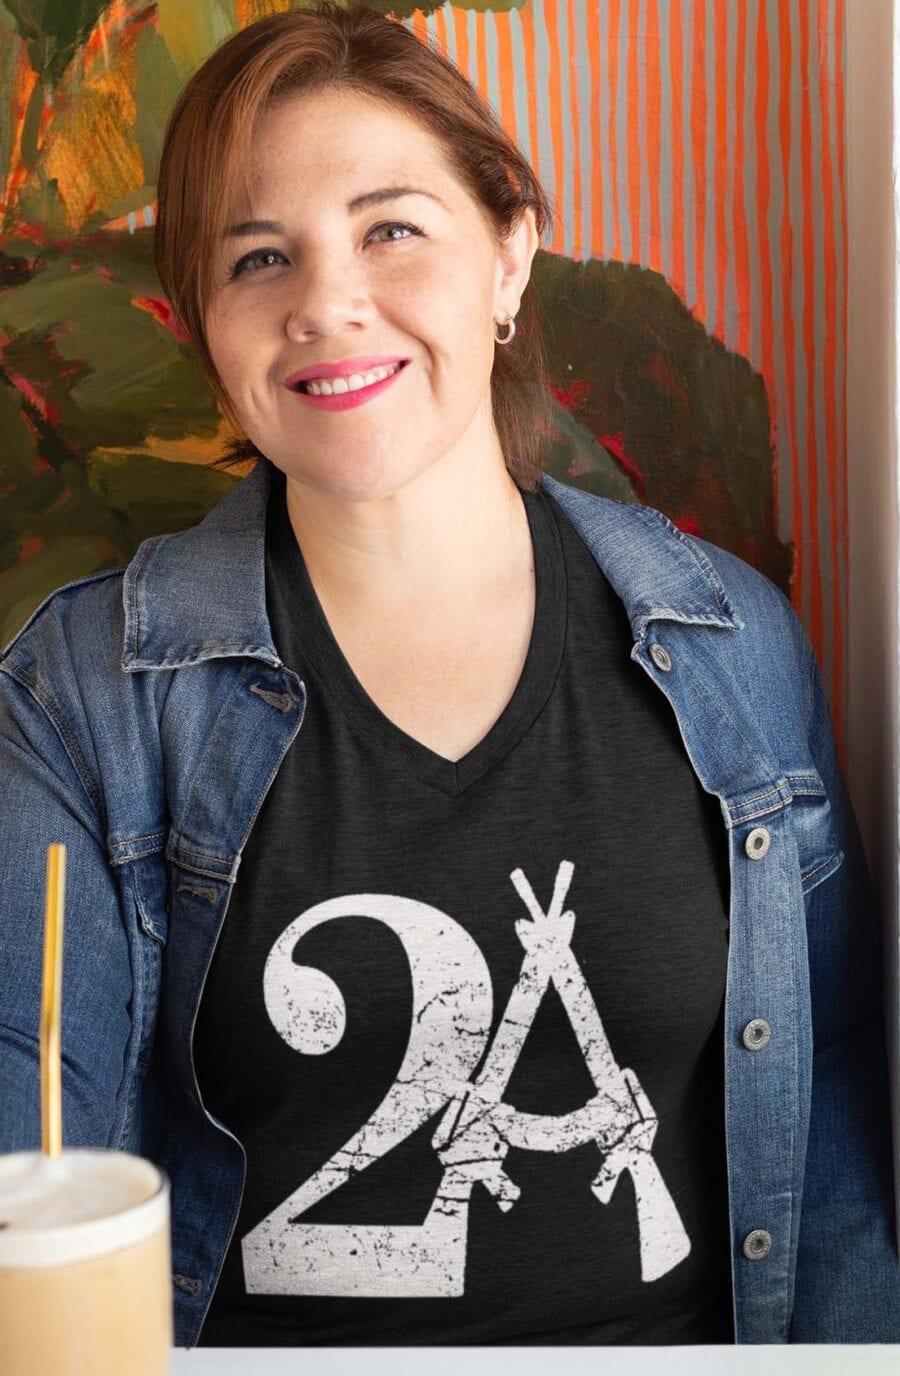 2A on a Heather Black V-Neck T-Shirt